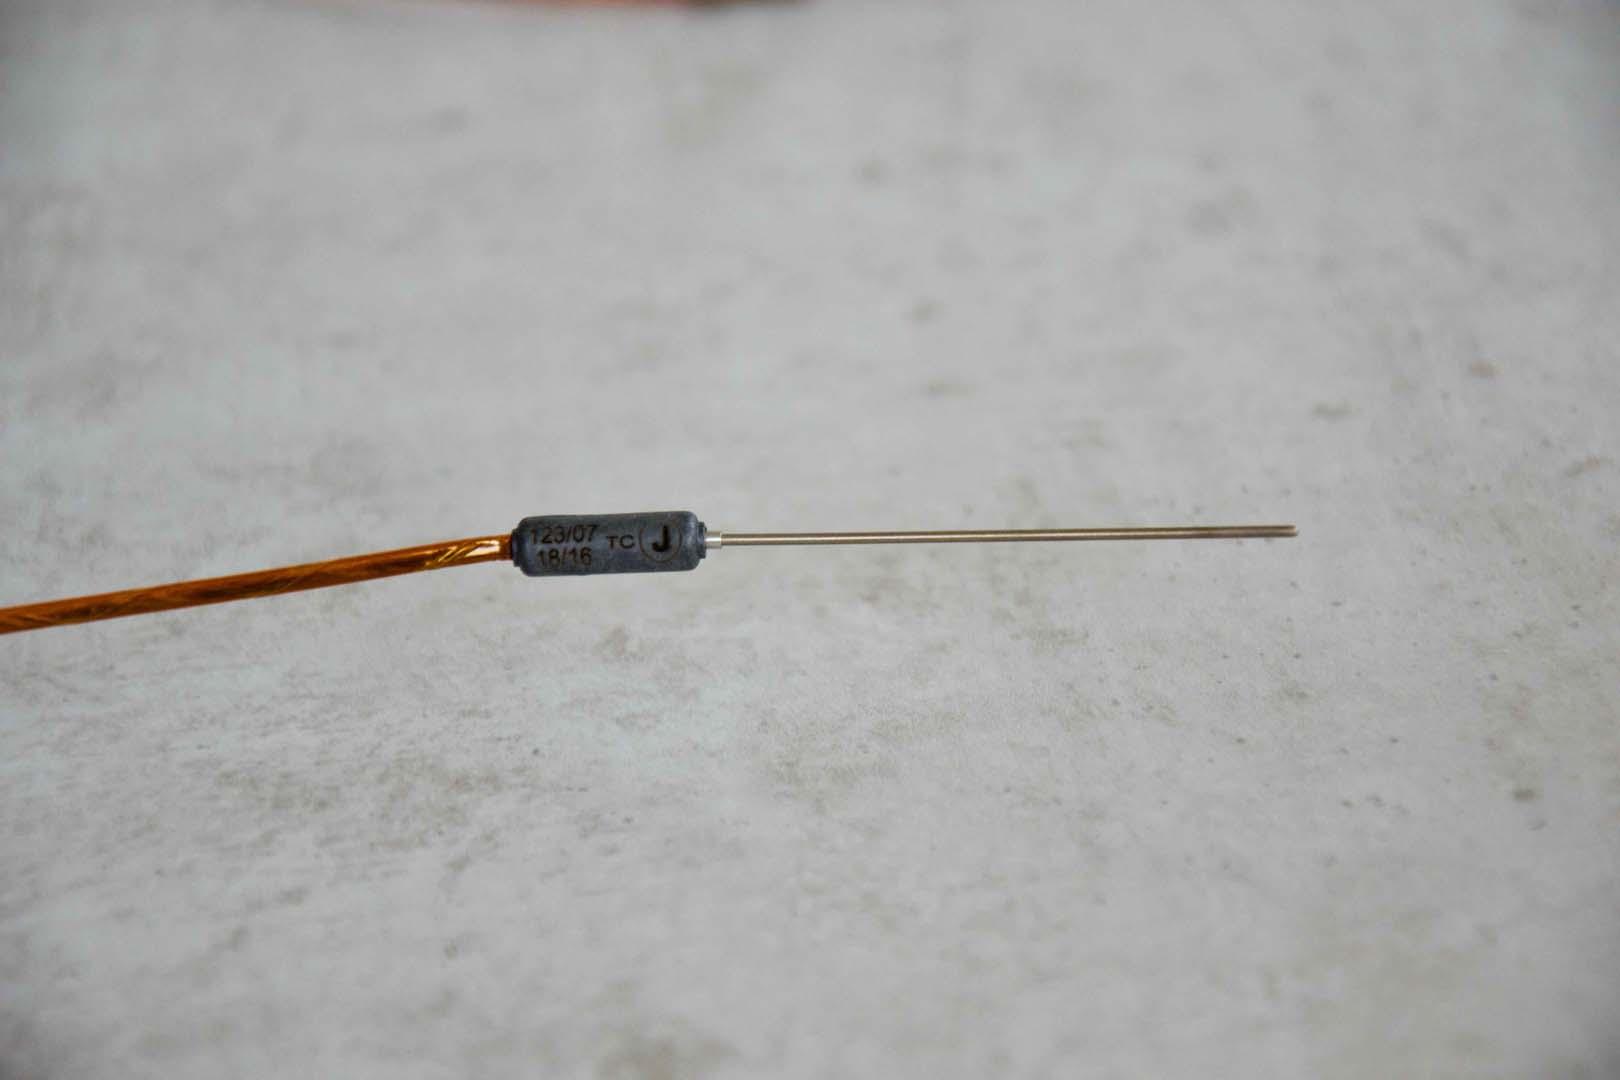 Mantelthermoelement mit Kapton-Kabel und 1,5 mm Durchmesser